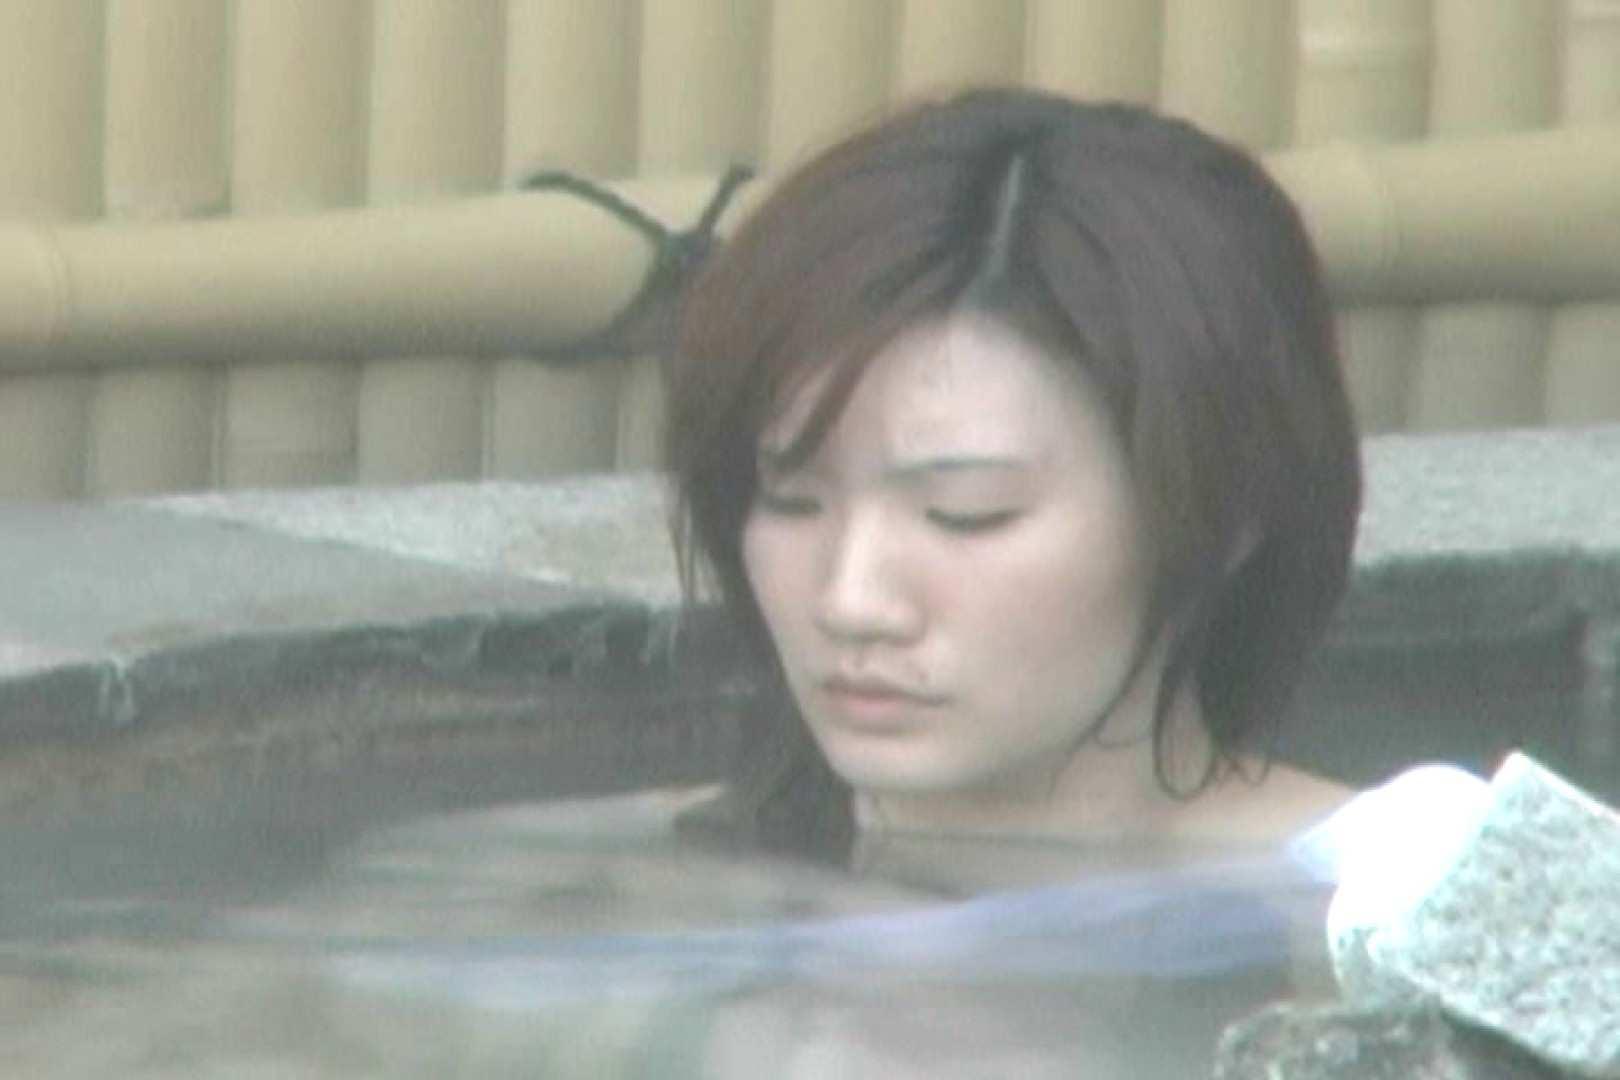 Aquaな露天風呂Vol.590 美しいOLの裸体  76pic 42